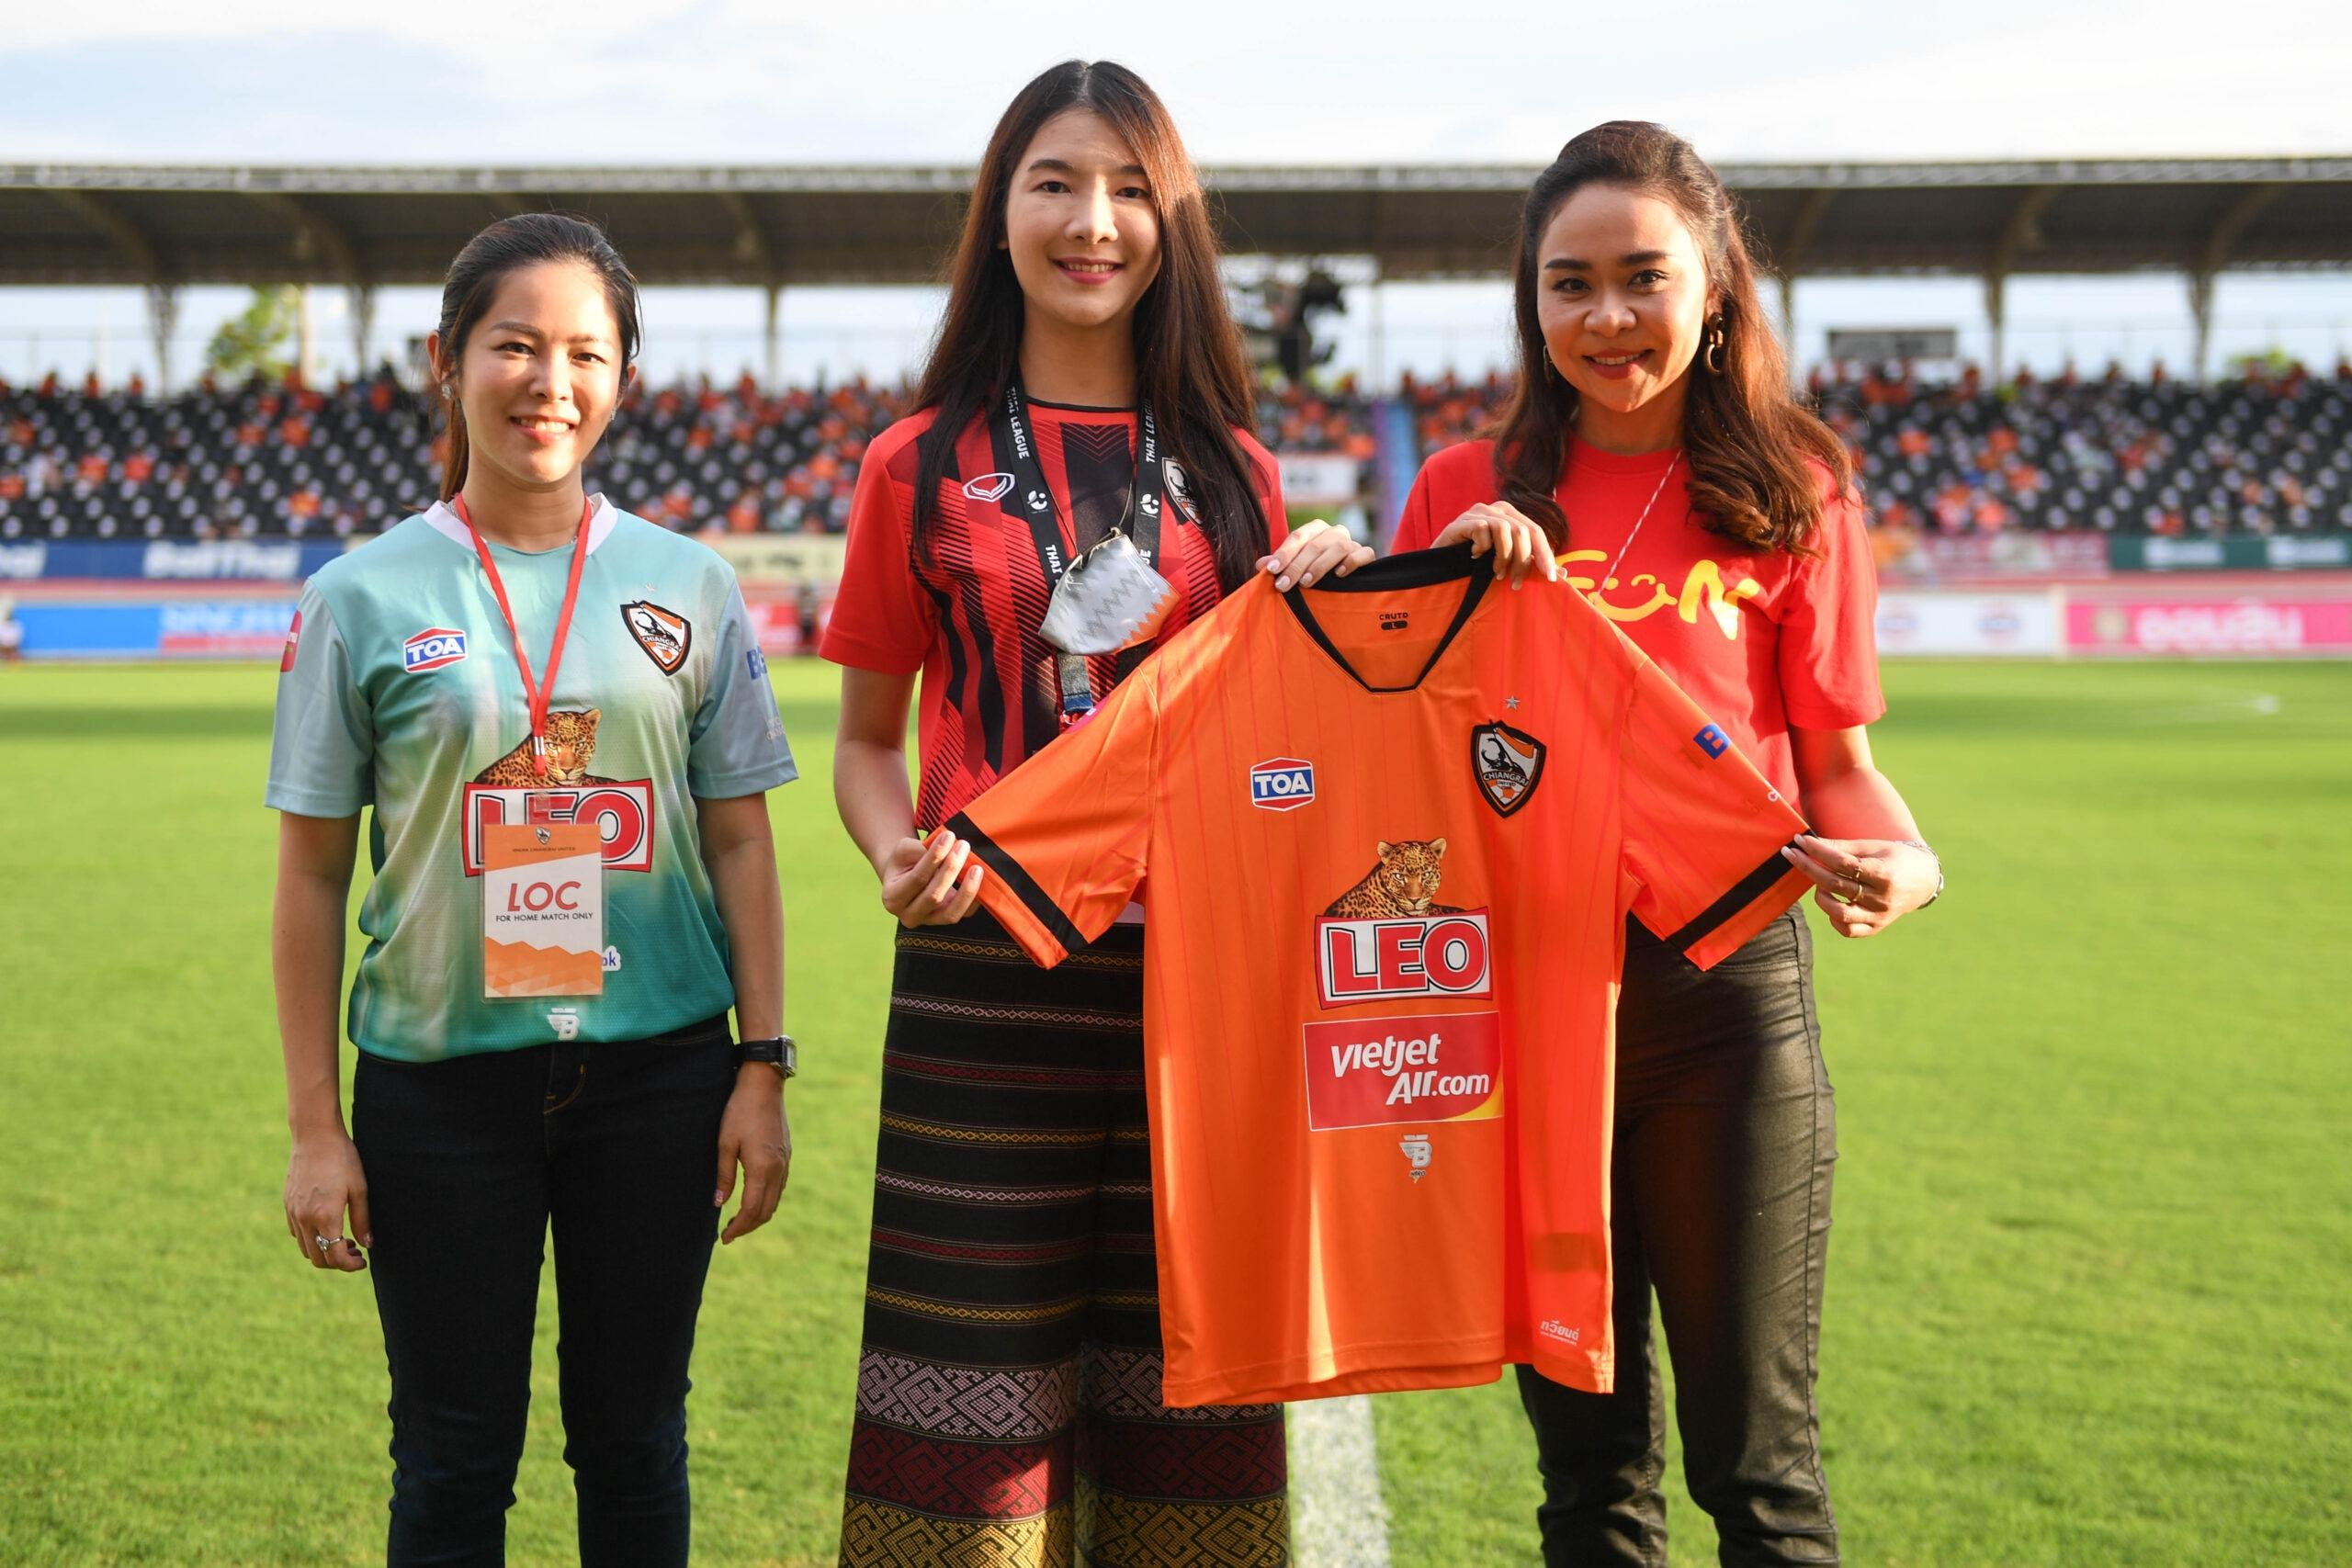 สายการบินไทยเวียตเจ็ทจับมือสโมสรฟุตบอลเชียงรายยูไนเต็ด ในฐานะสปอนเซอร์อย่างเป็นทางการ